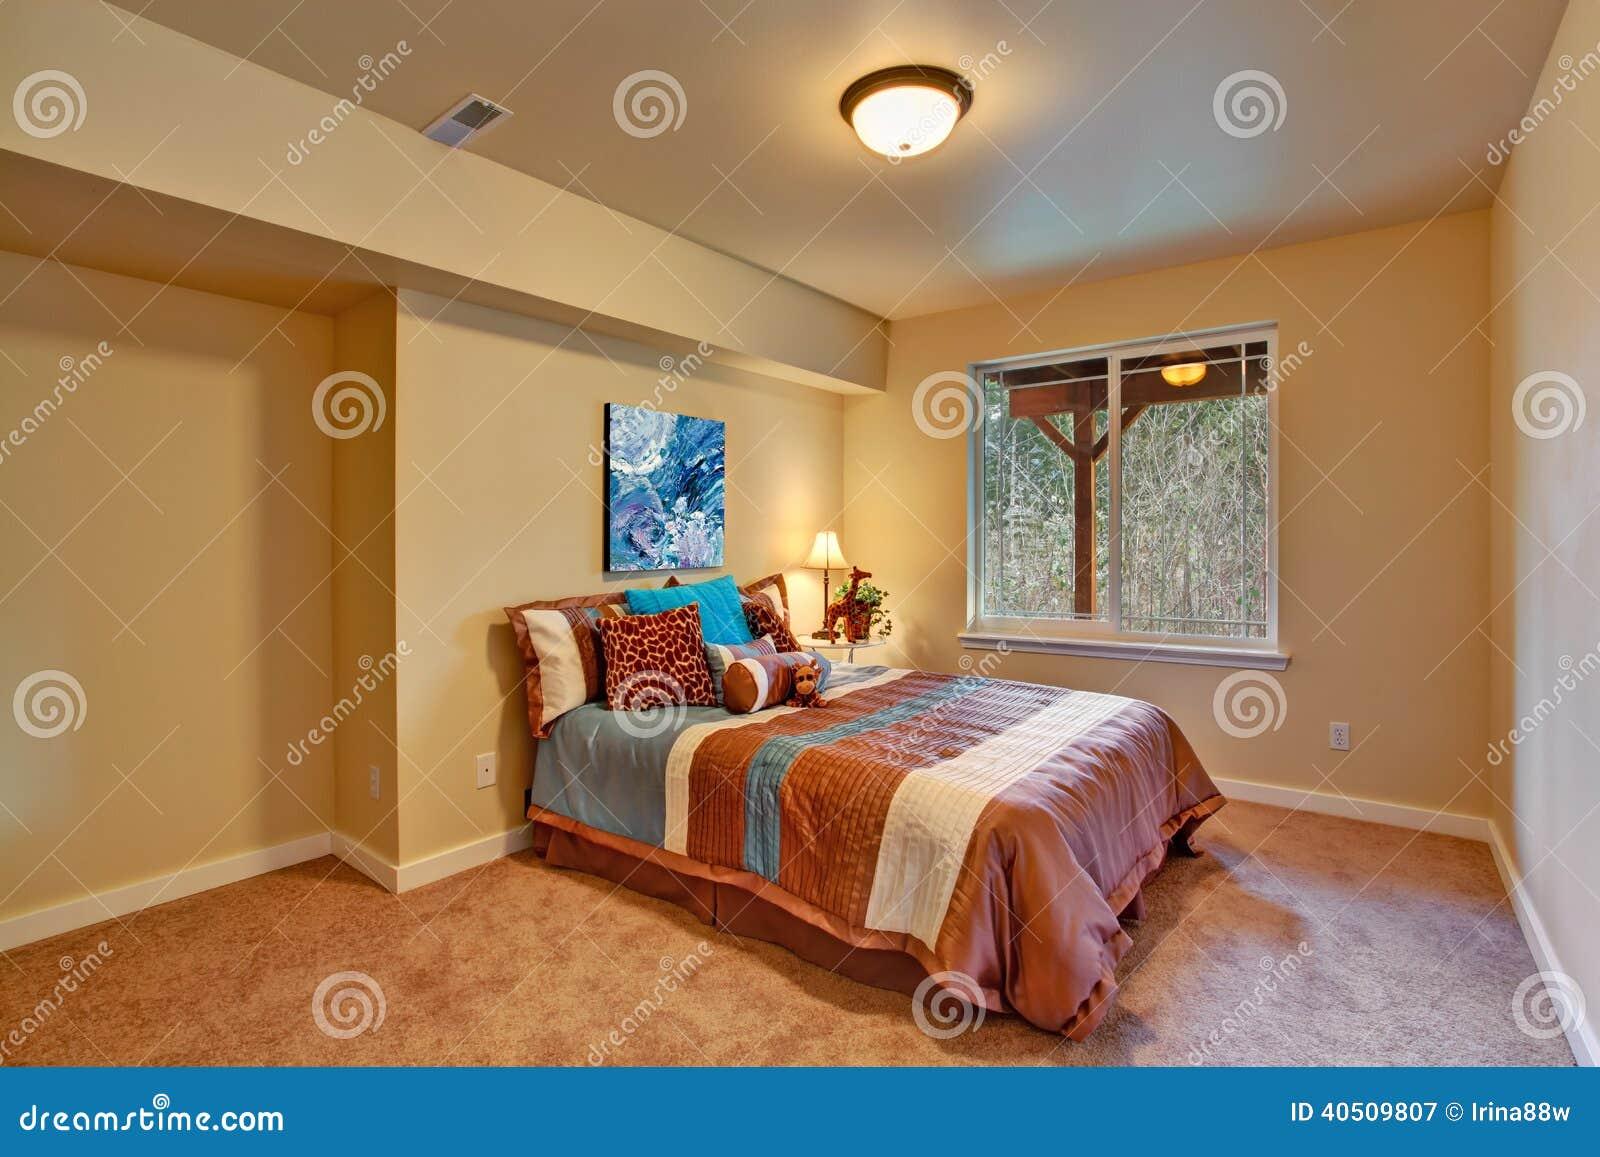 Int rieur de chambre coucher accompli dans le th me africain photo stock image 40509807 for Chambre decoree